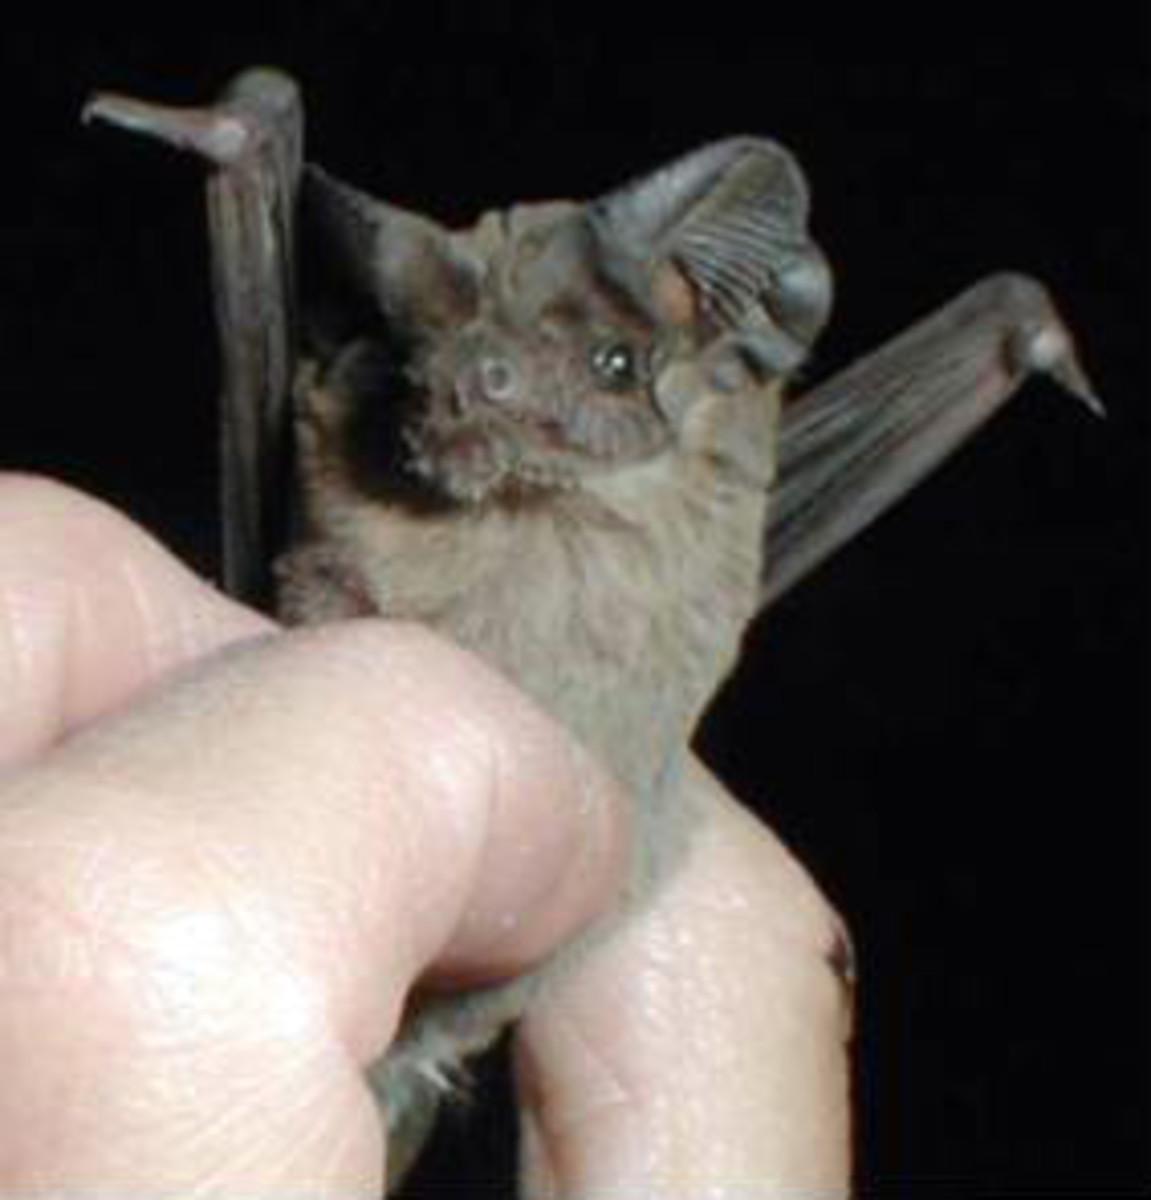 A Brazilian free-tailed bat viewed up close.